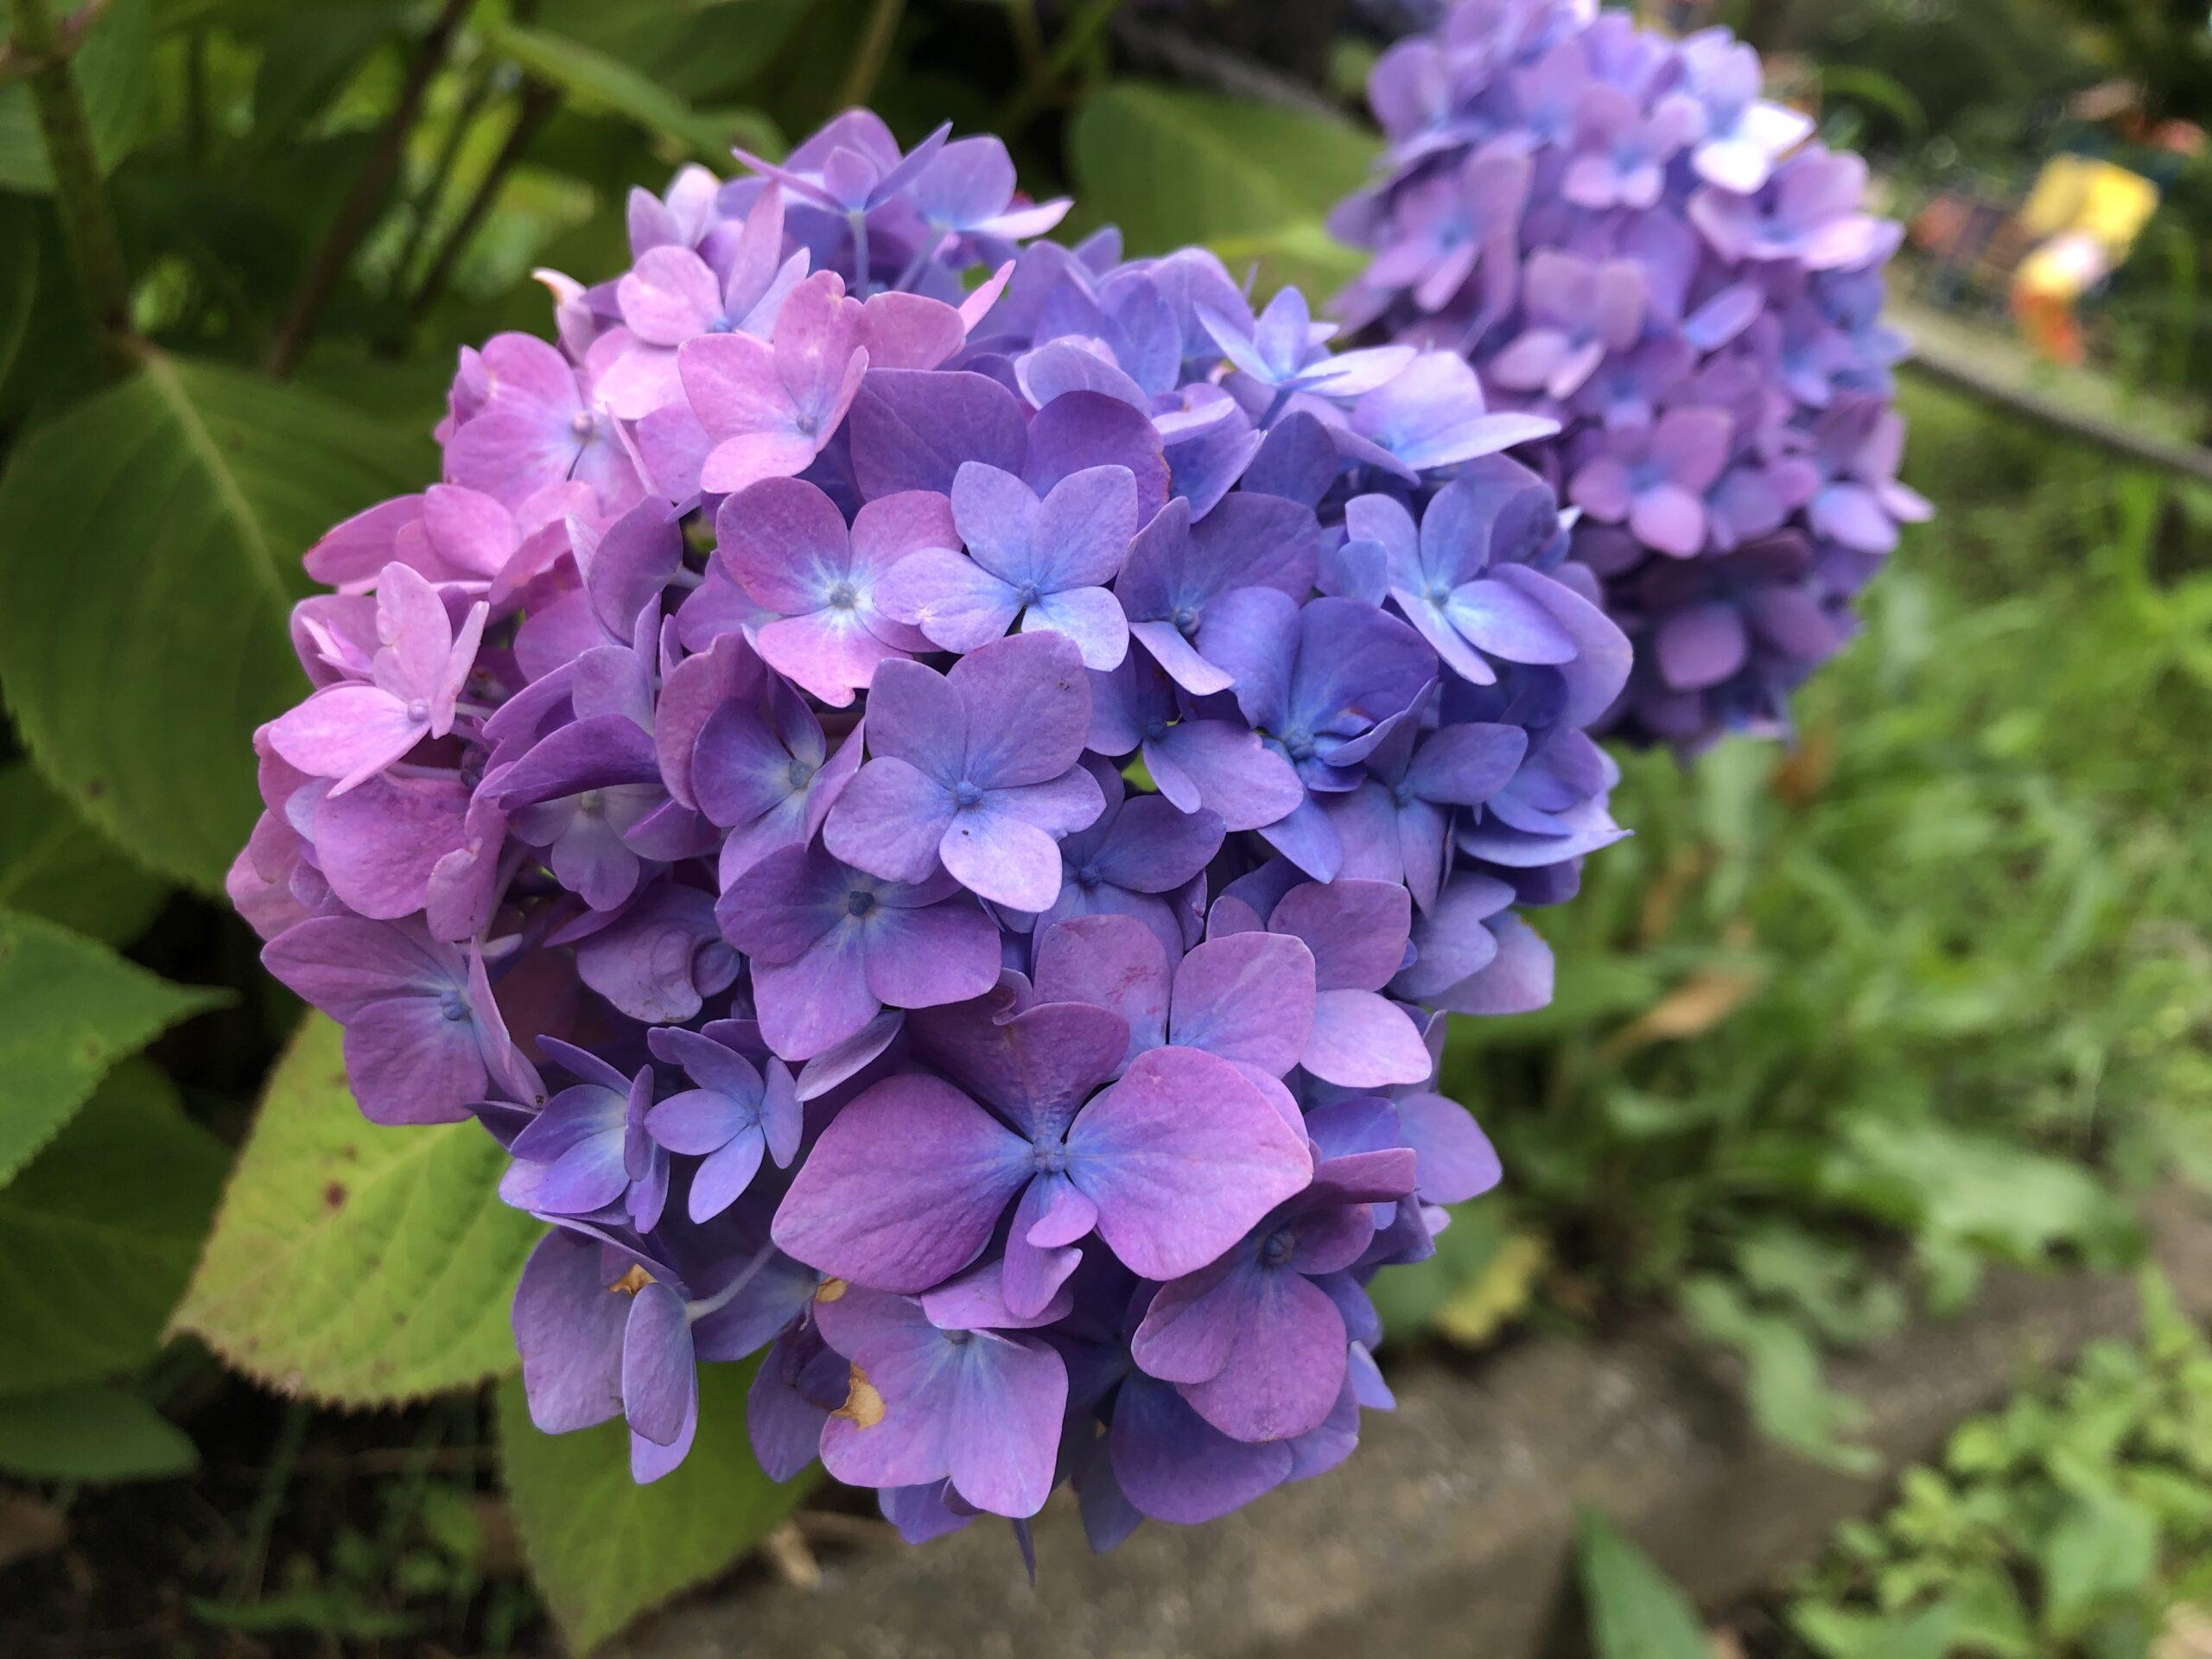 紫陽花、素敵でした❁︎の投稿写真